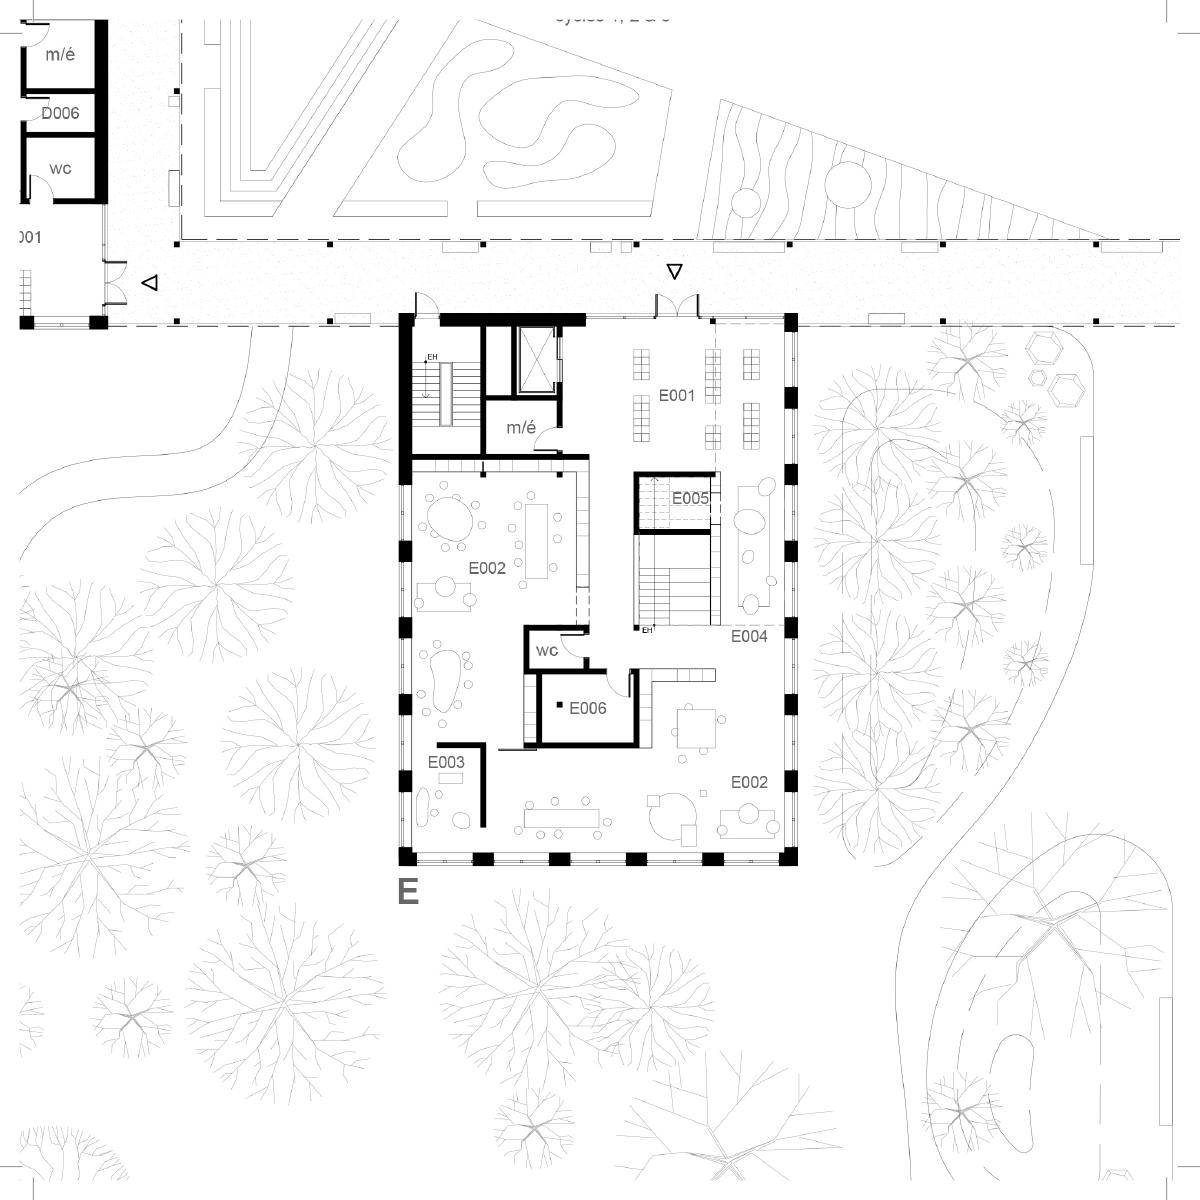 Plan d'une salle de classe par Alexandre Landry Architecte et Jodoin Lamarre Pratte, pour le concours du Lab-École à Shefford, présenté dans le cadre de l'exposition «Devoirs d'architecture».